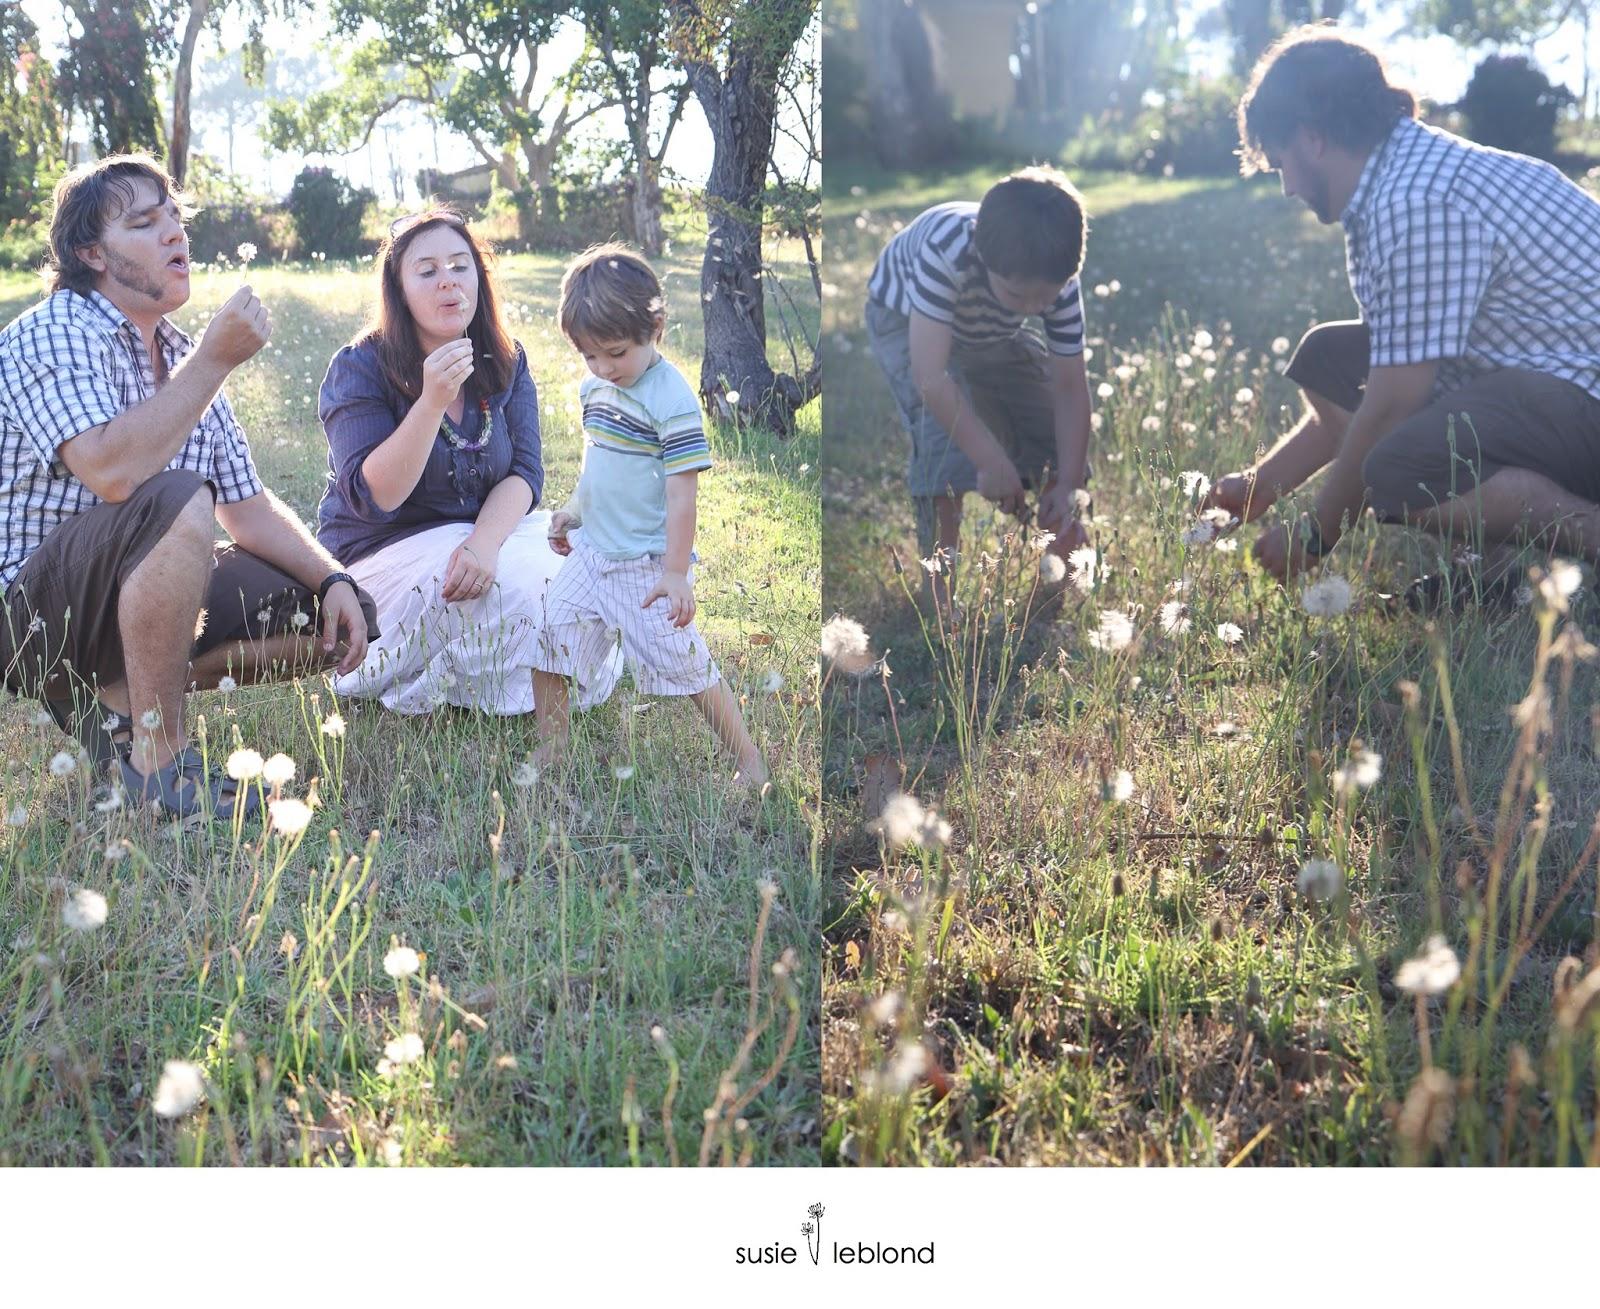 susie leblond photography: Deutschmann Family